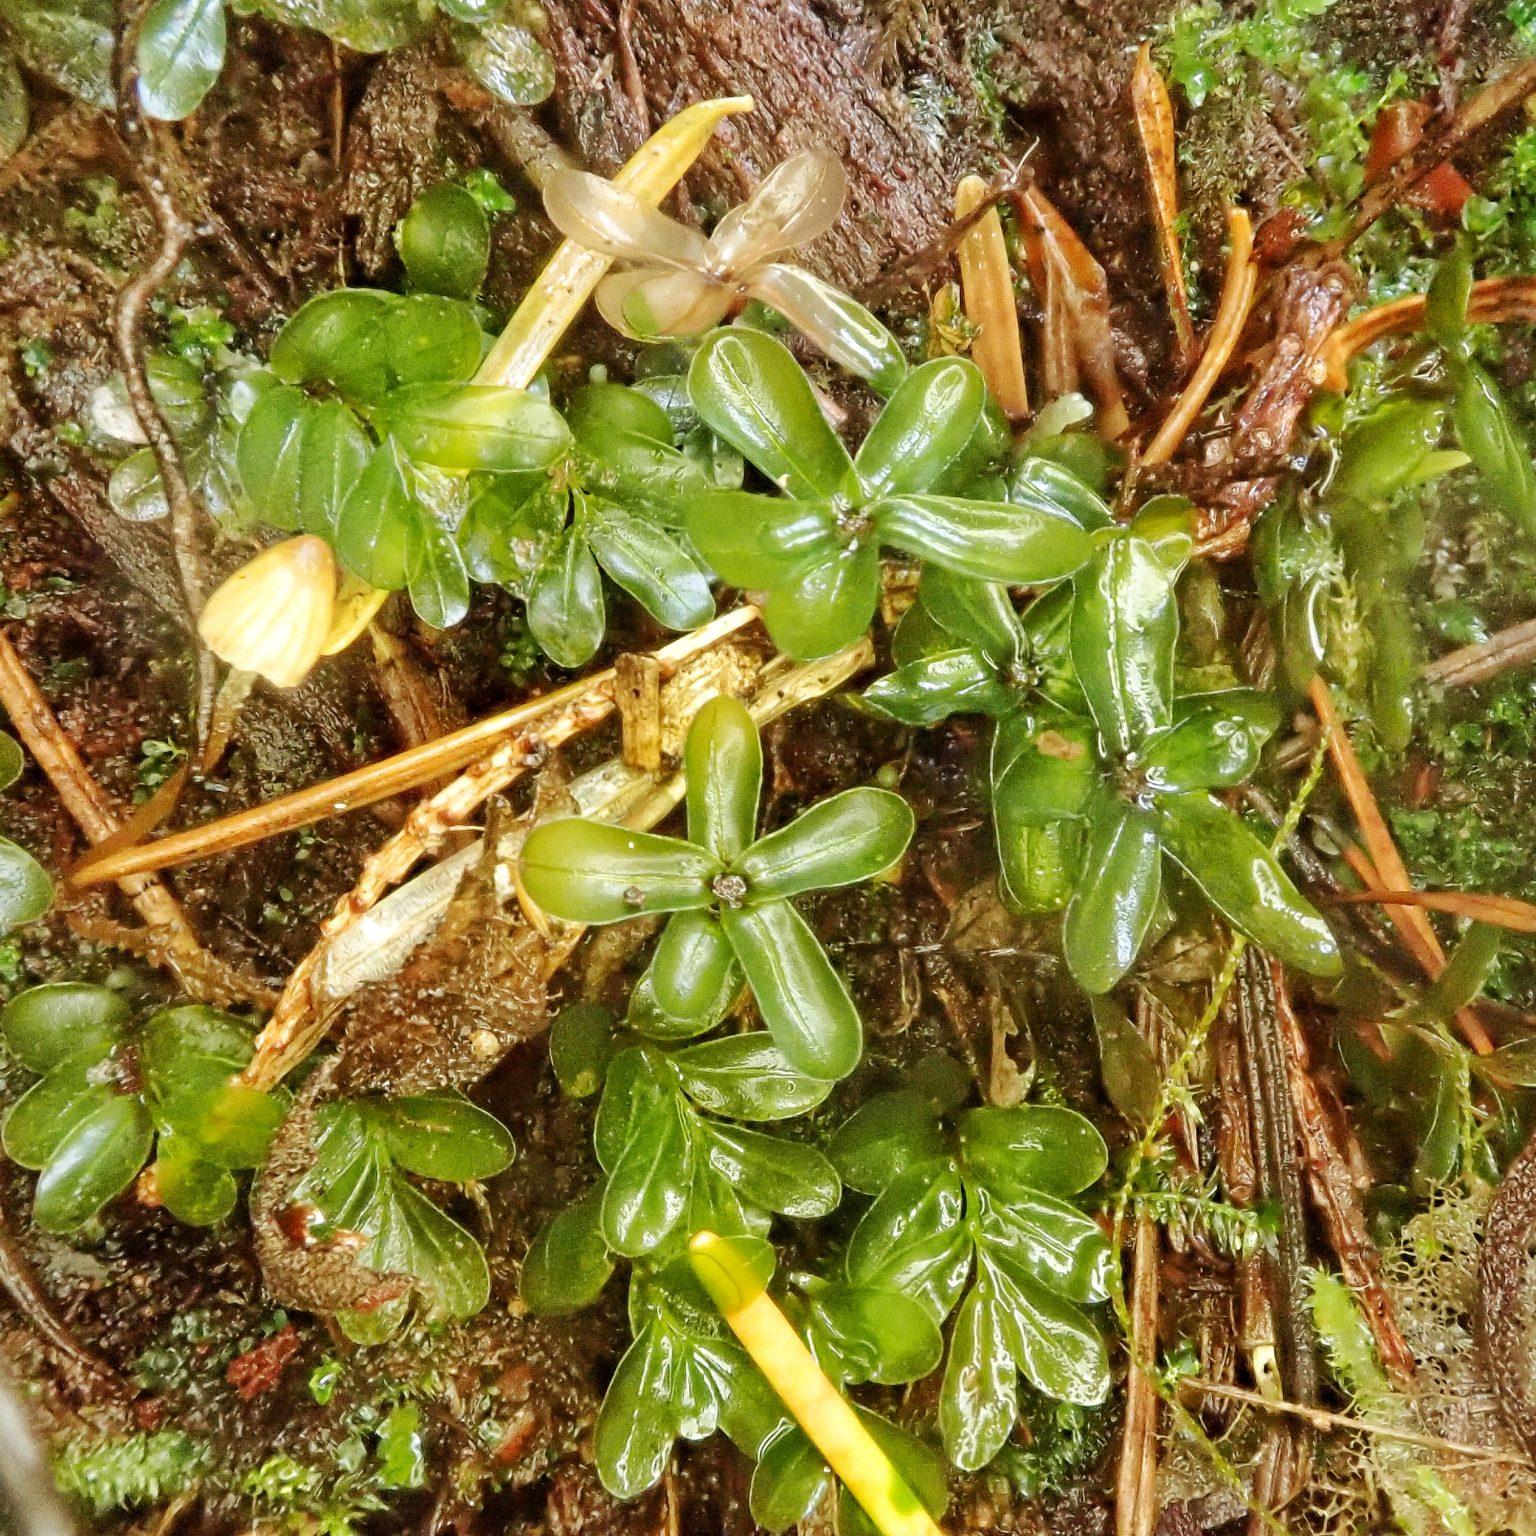 Rhizomnium glabrescens